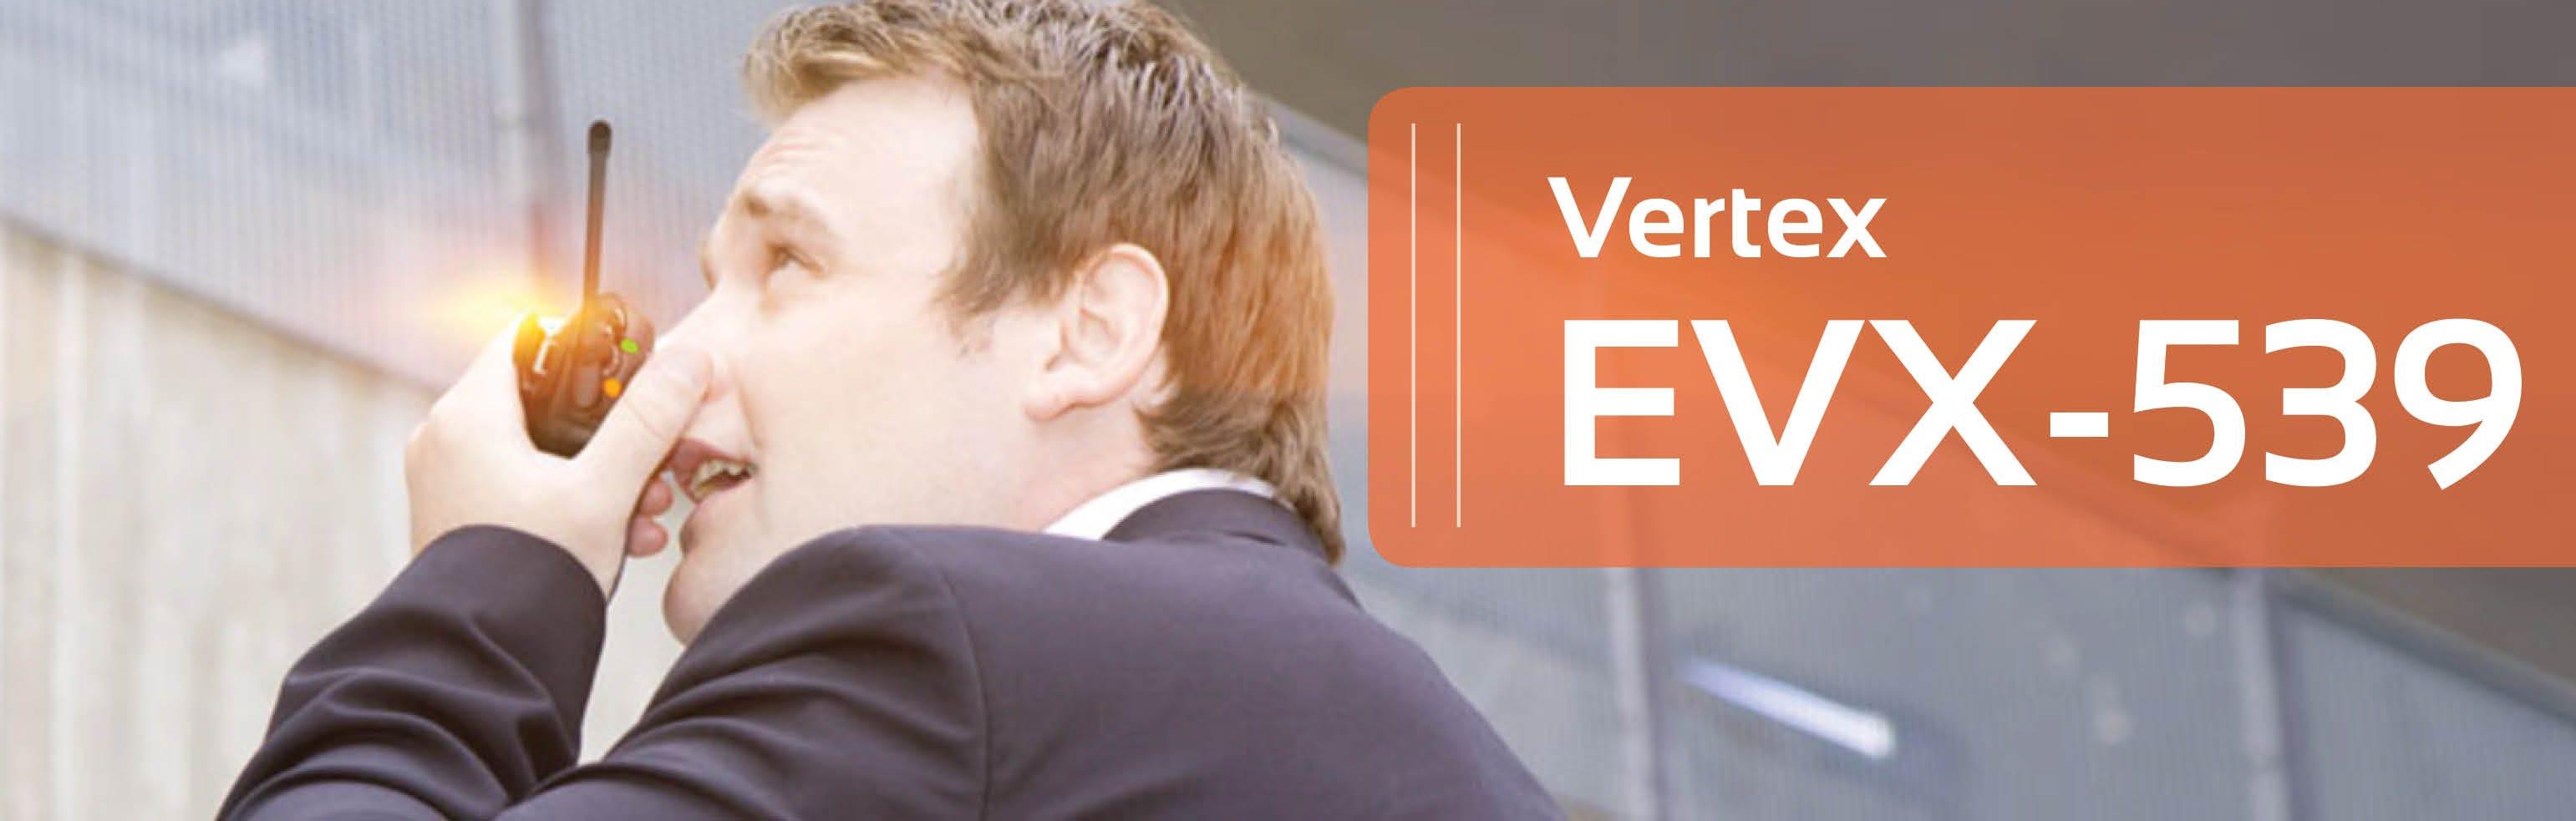 Vertex EVX-539